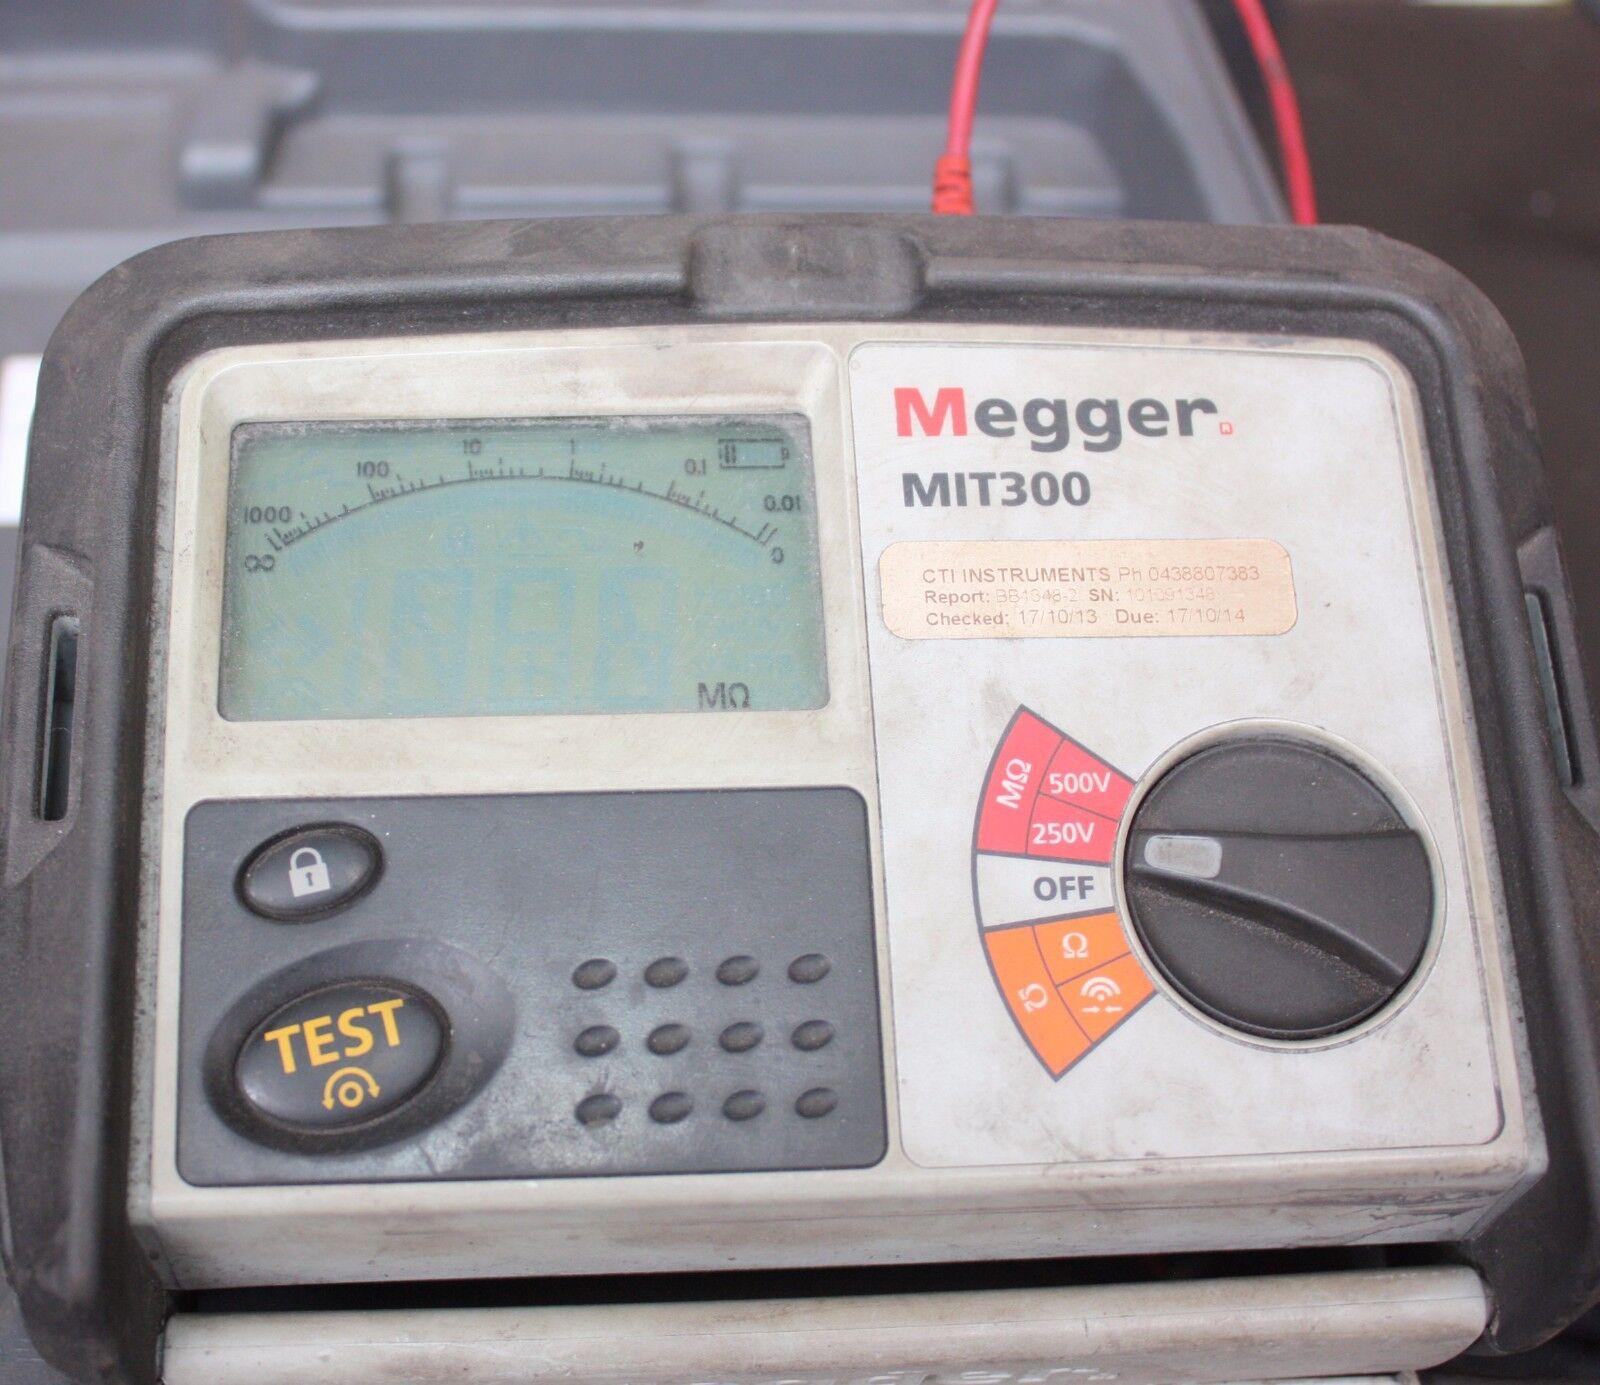 Megger Mit300 250/500v MegOhm Meter Insulation and Continuity Tester ...